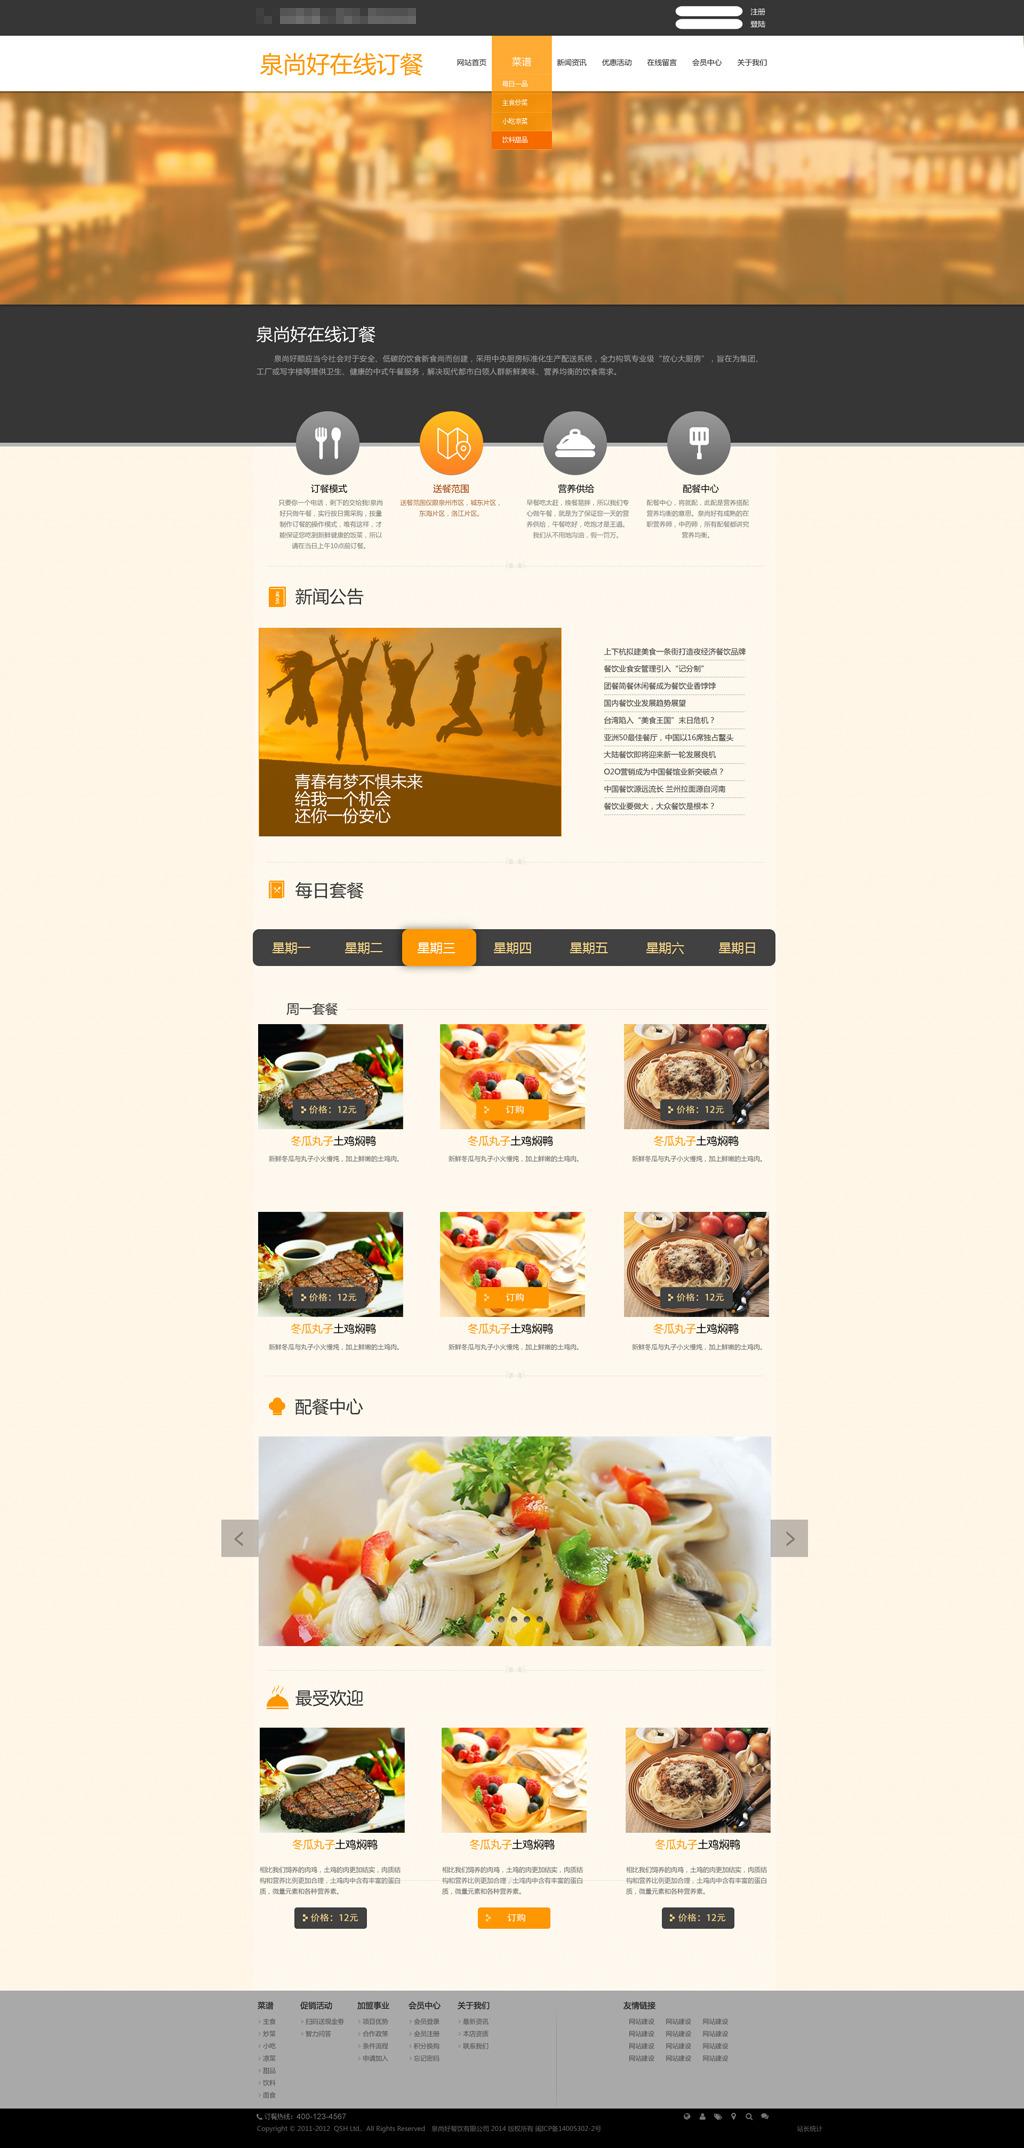 网站psd模板图片下载餐饮网站食品网站企业网站网页网页设计 网页模板